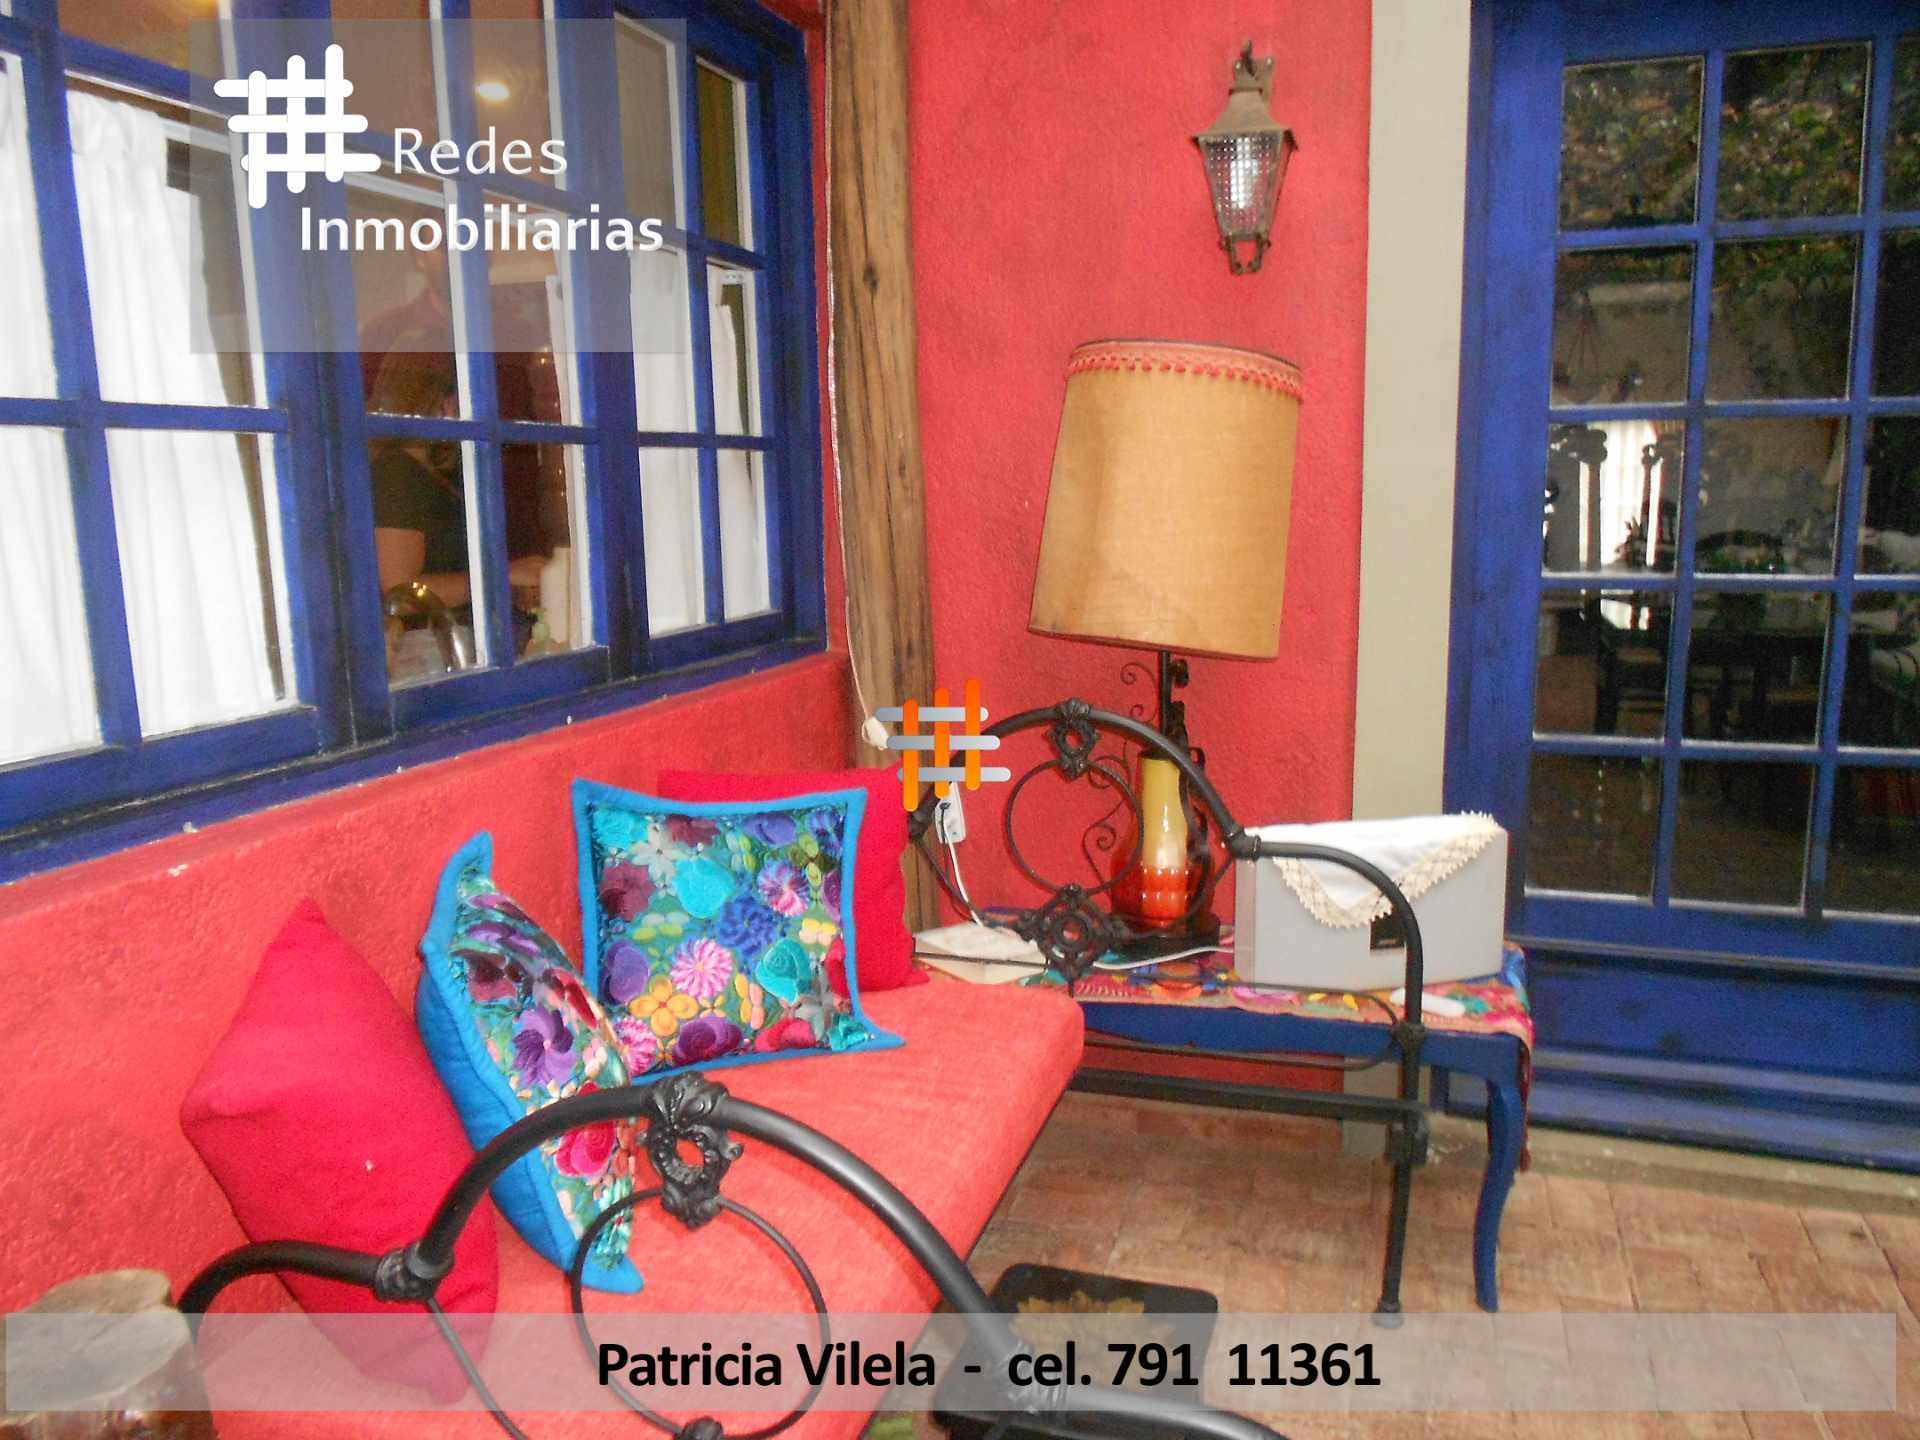 Casa en Venta HERMOSA CASA EN VENTA EN ACHUMANI URBANIZACION PRIVADA UNICA EN SU ESTILO TOTALMENTE AUTENTICA HERMOSA  Foto 8